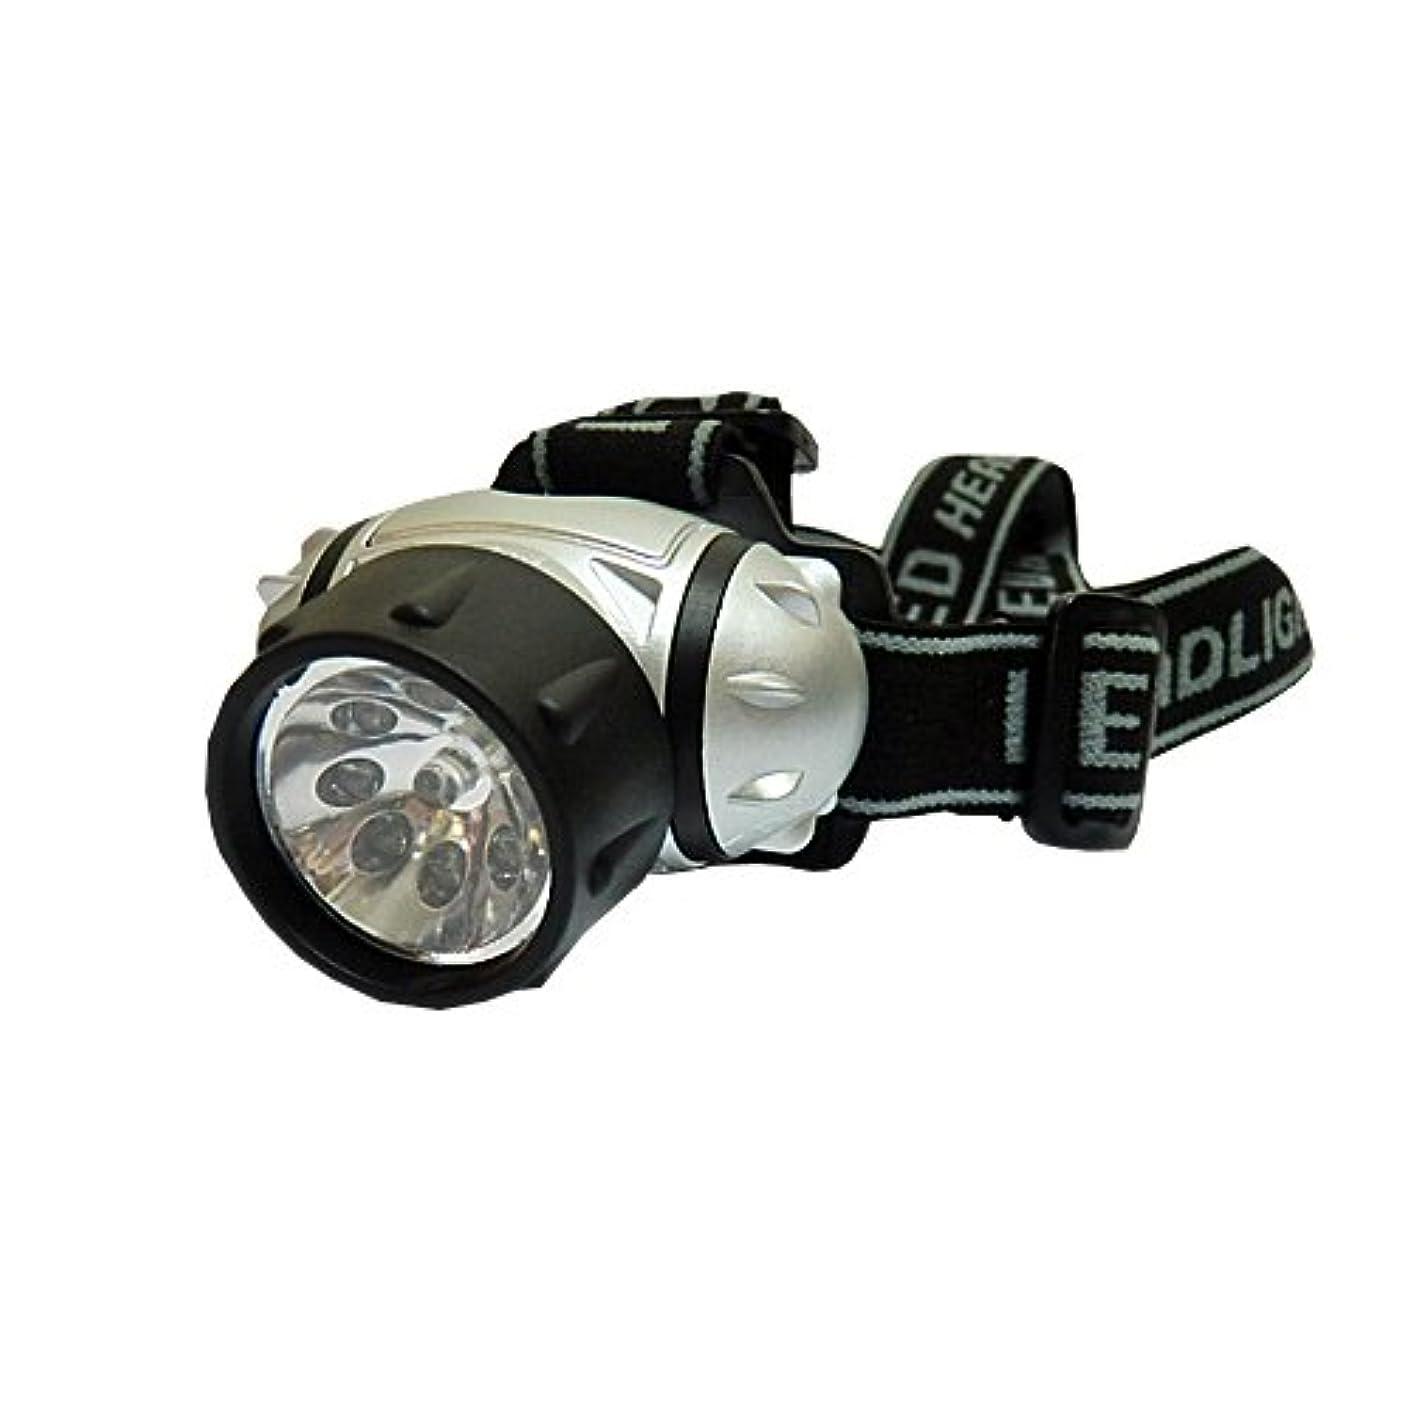 縫うモッキンバード直感LED9灯 高輝度 点灯 点滅4パターン LEDヘッドランプ?ヘッドライト ヘッドランタン キャンプ?アウトドア?登山?夜釣り等に最適!